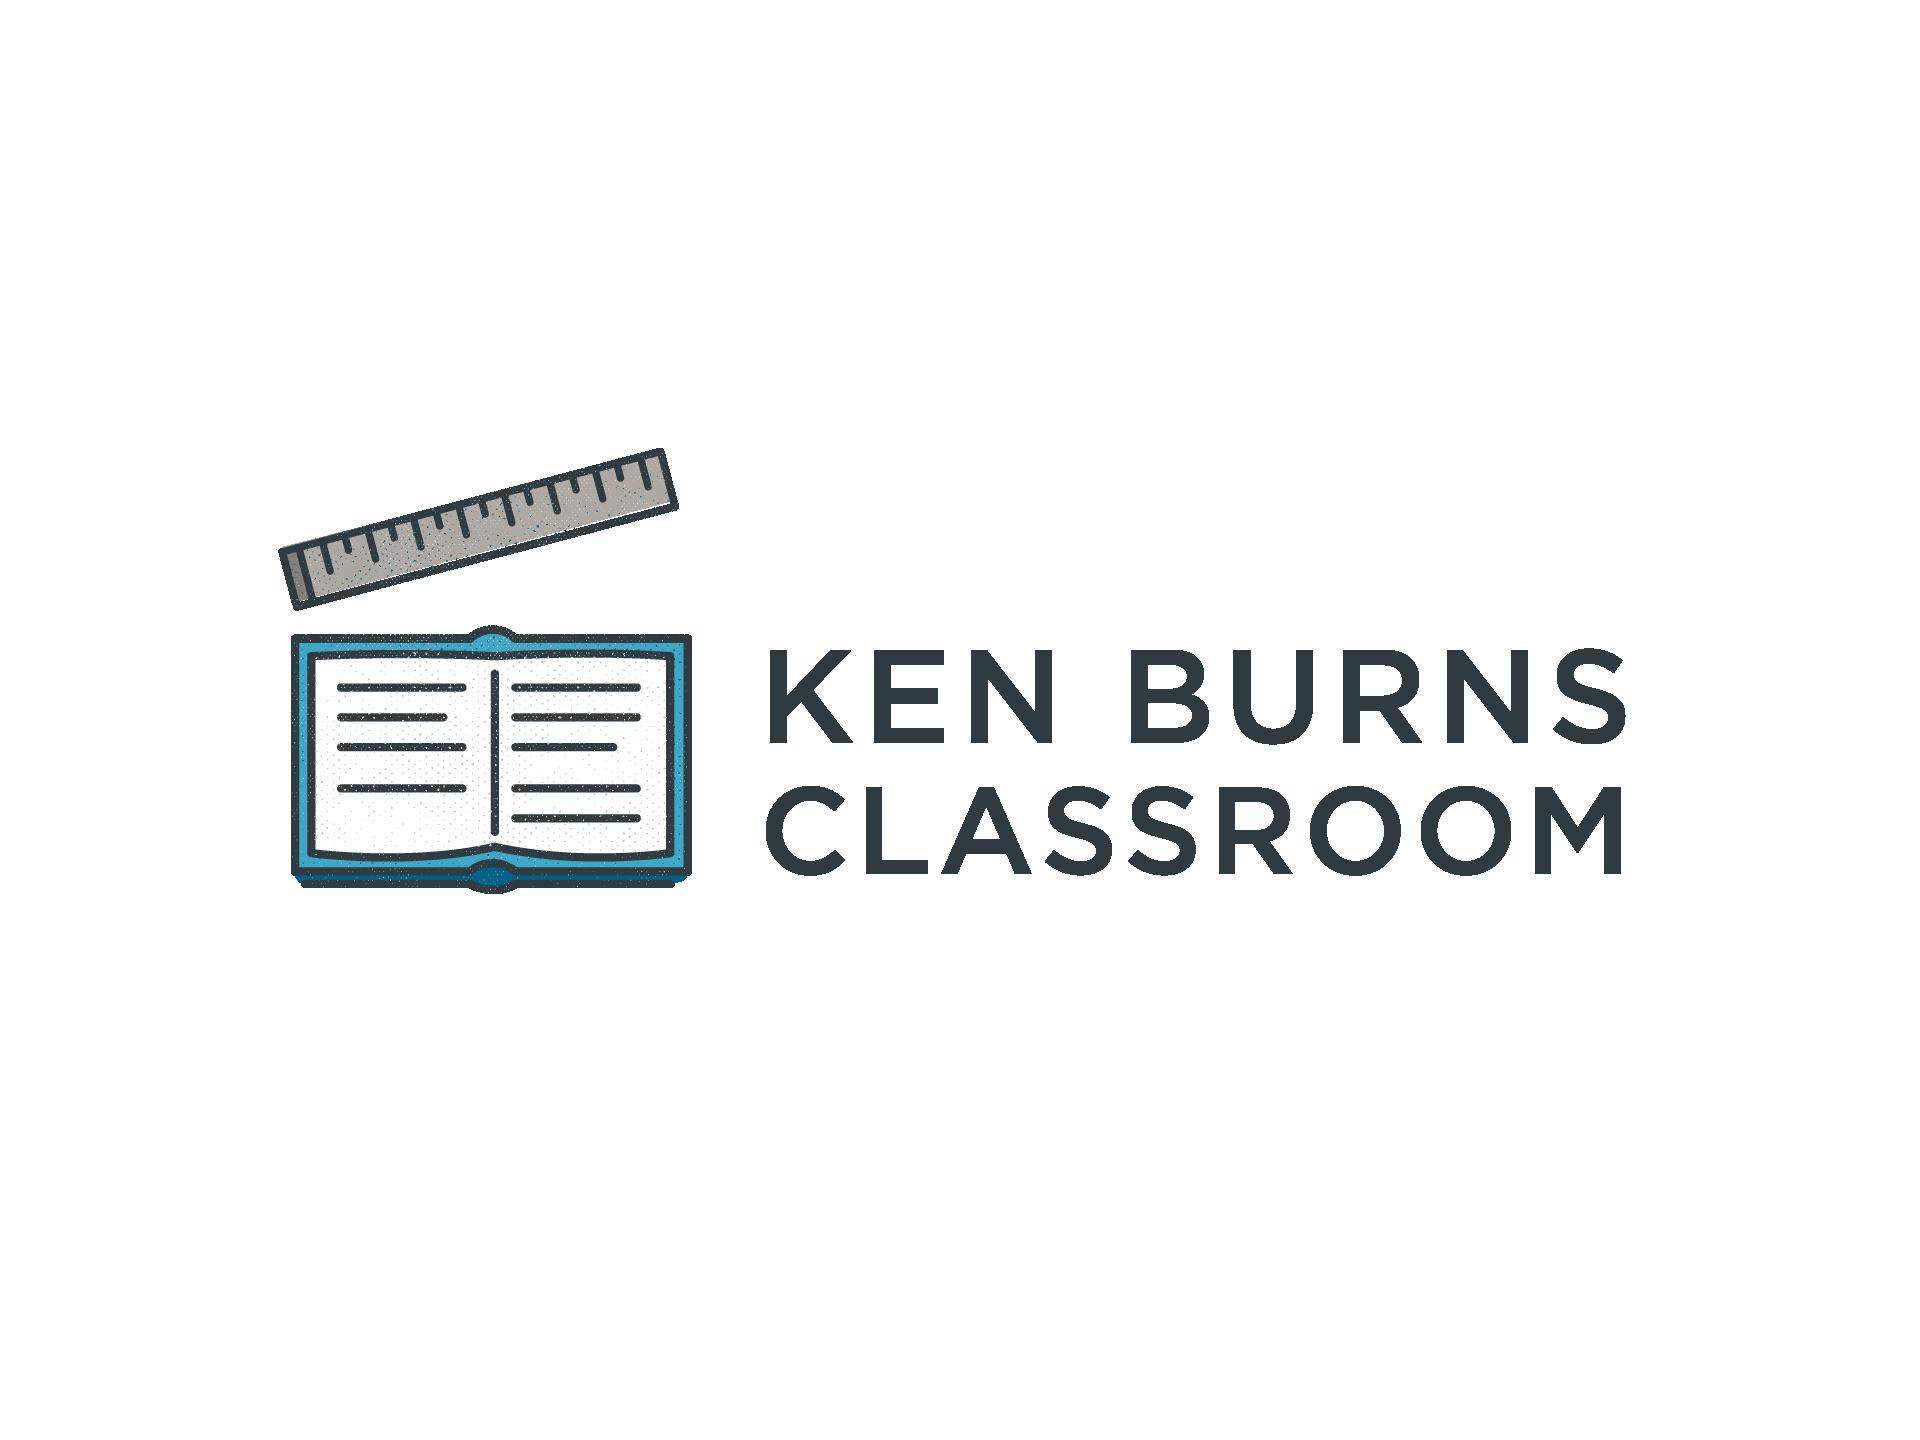 Ken Burns Classroom concept for Baker & Hill